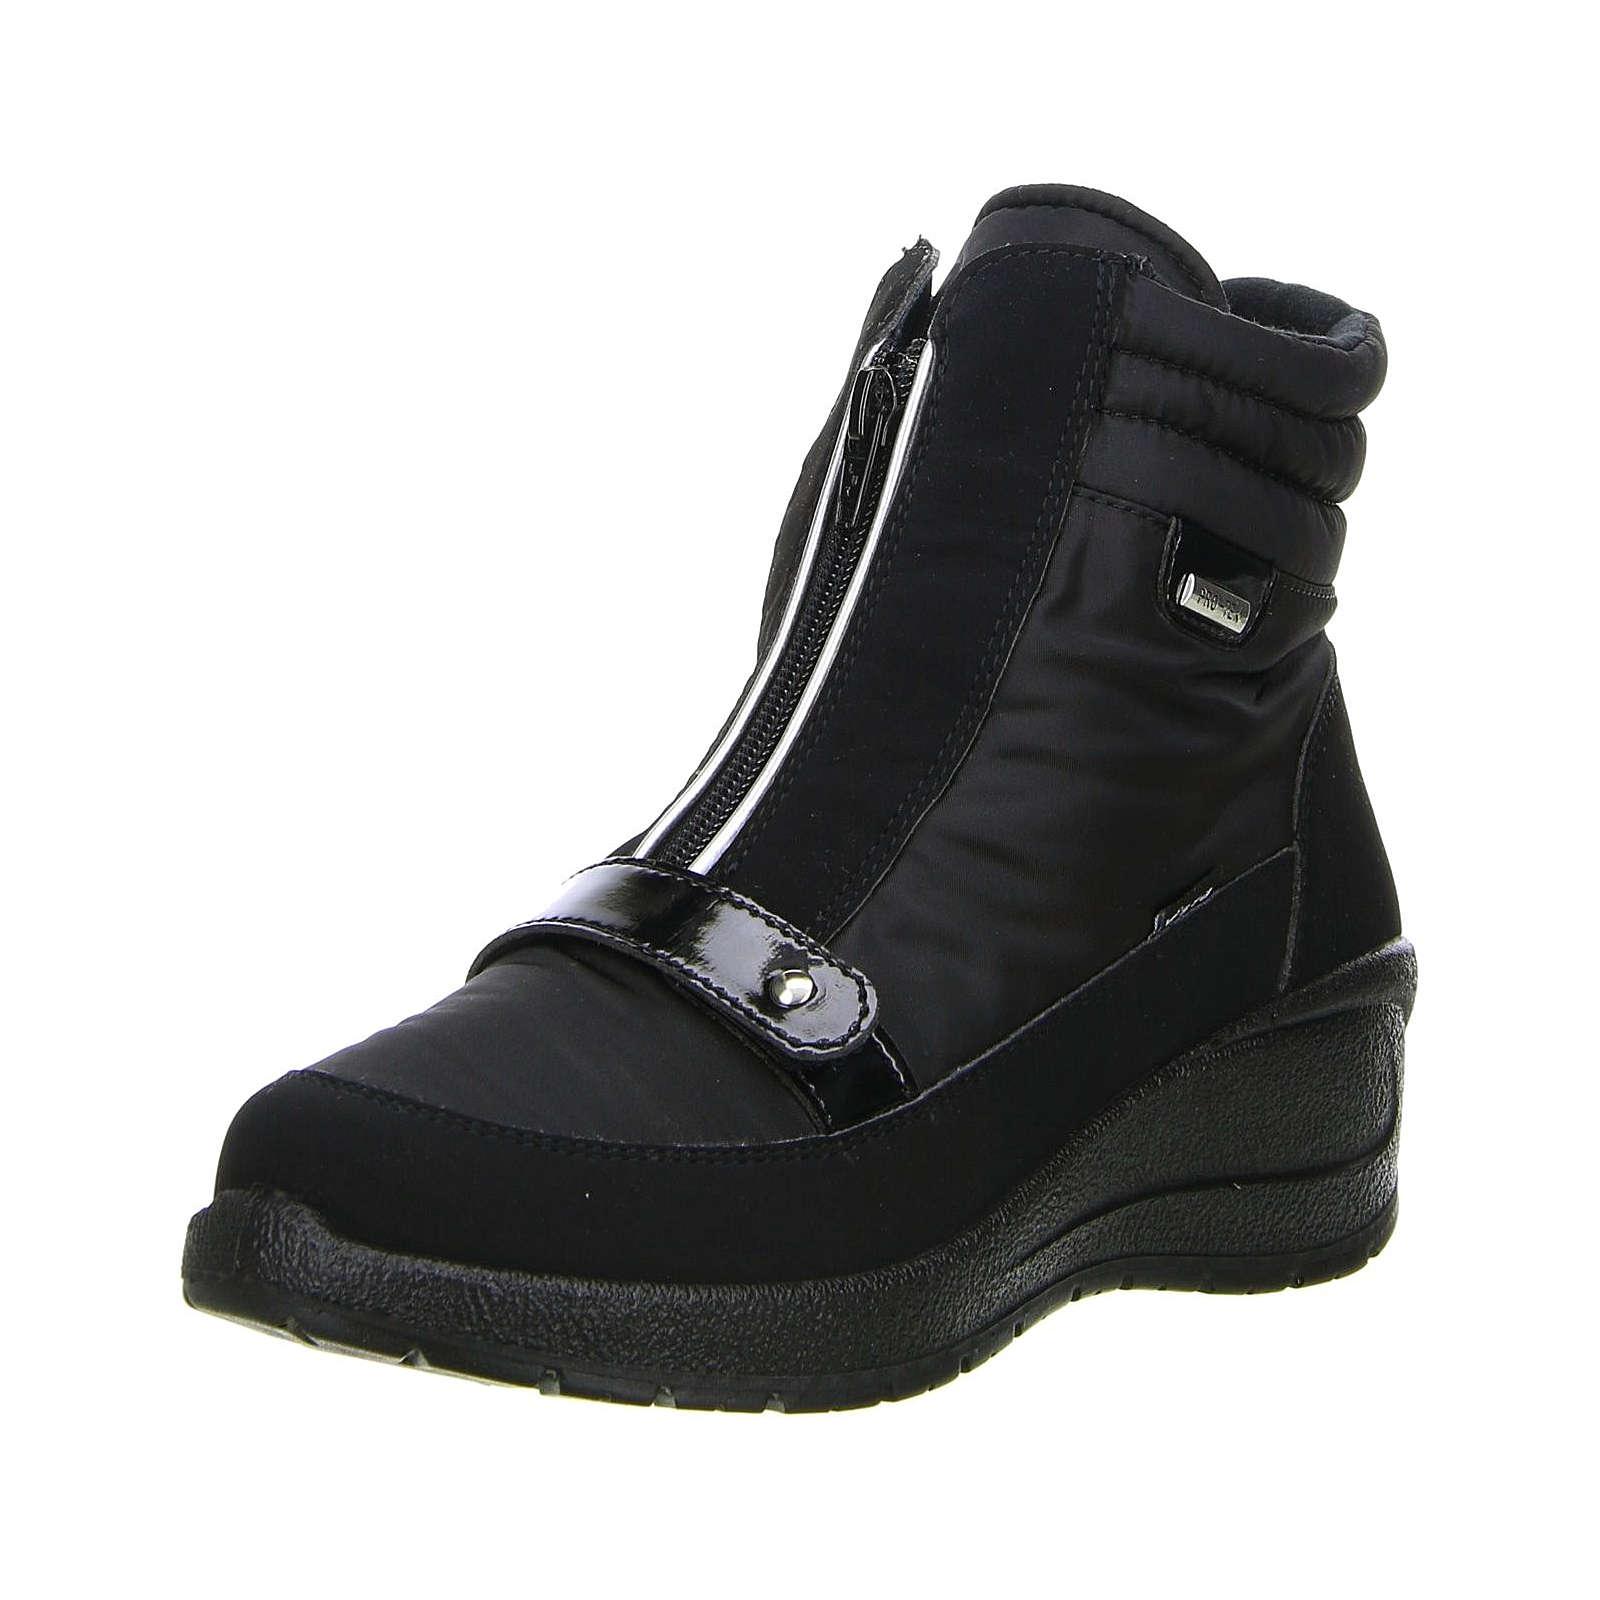 Vista Damen Winterstiefel Snowboots schwarz schwarz Damen Gr. 39